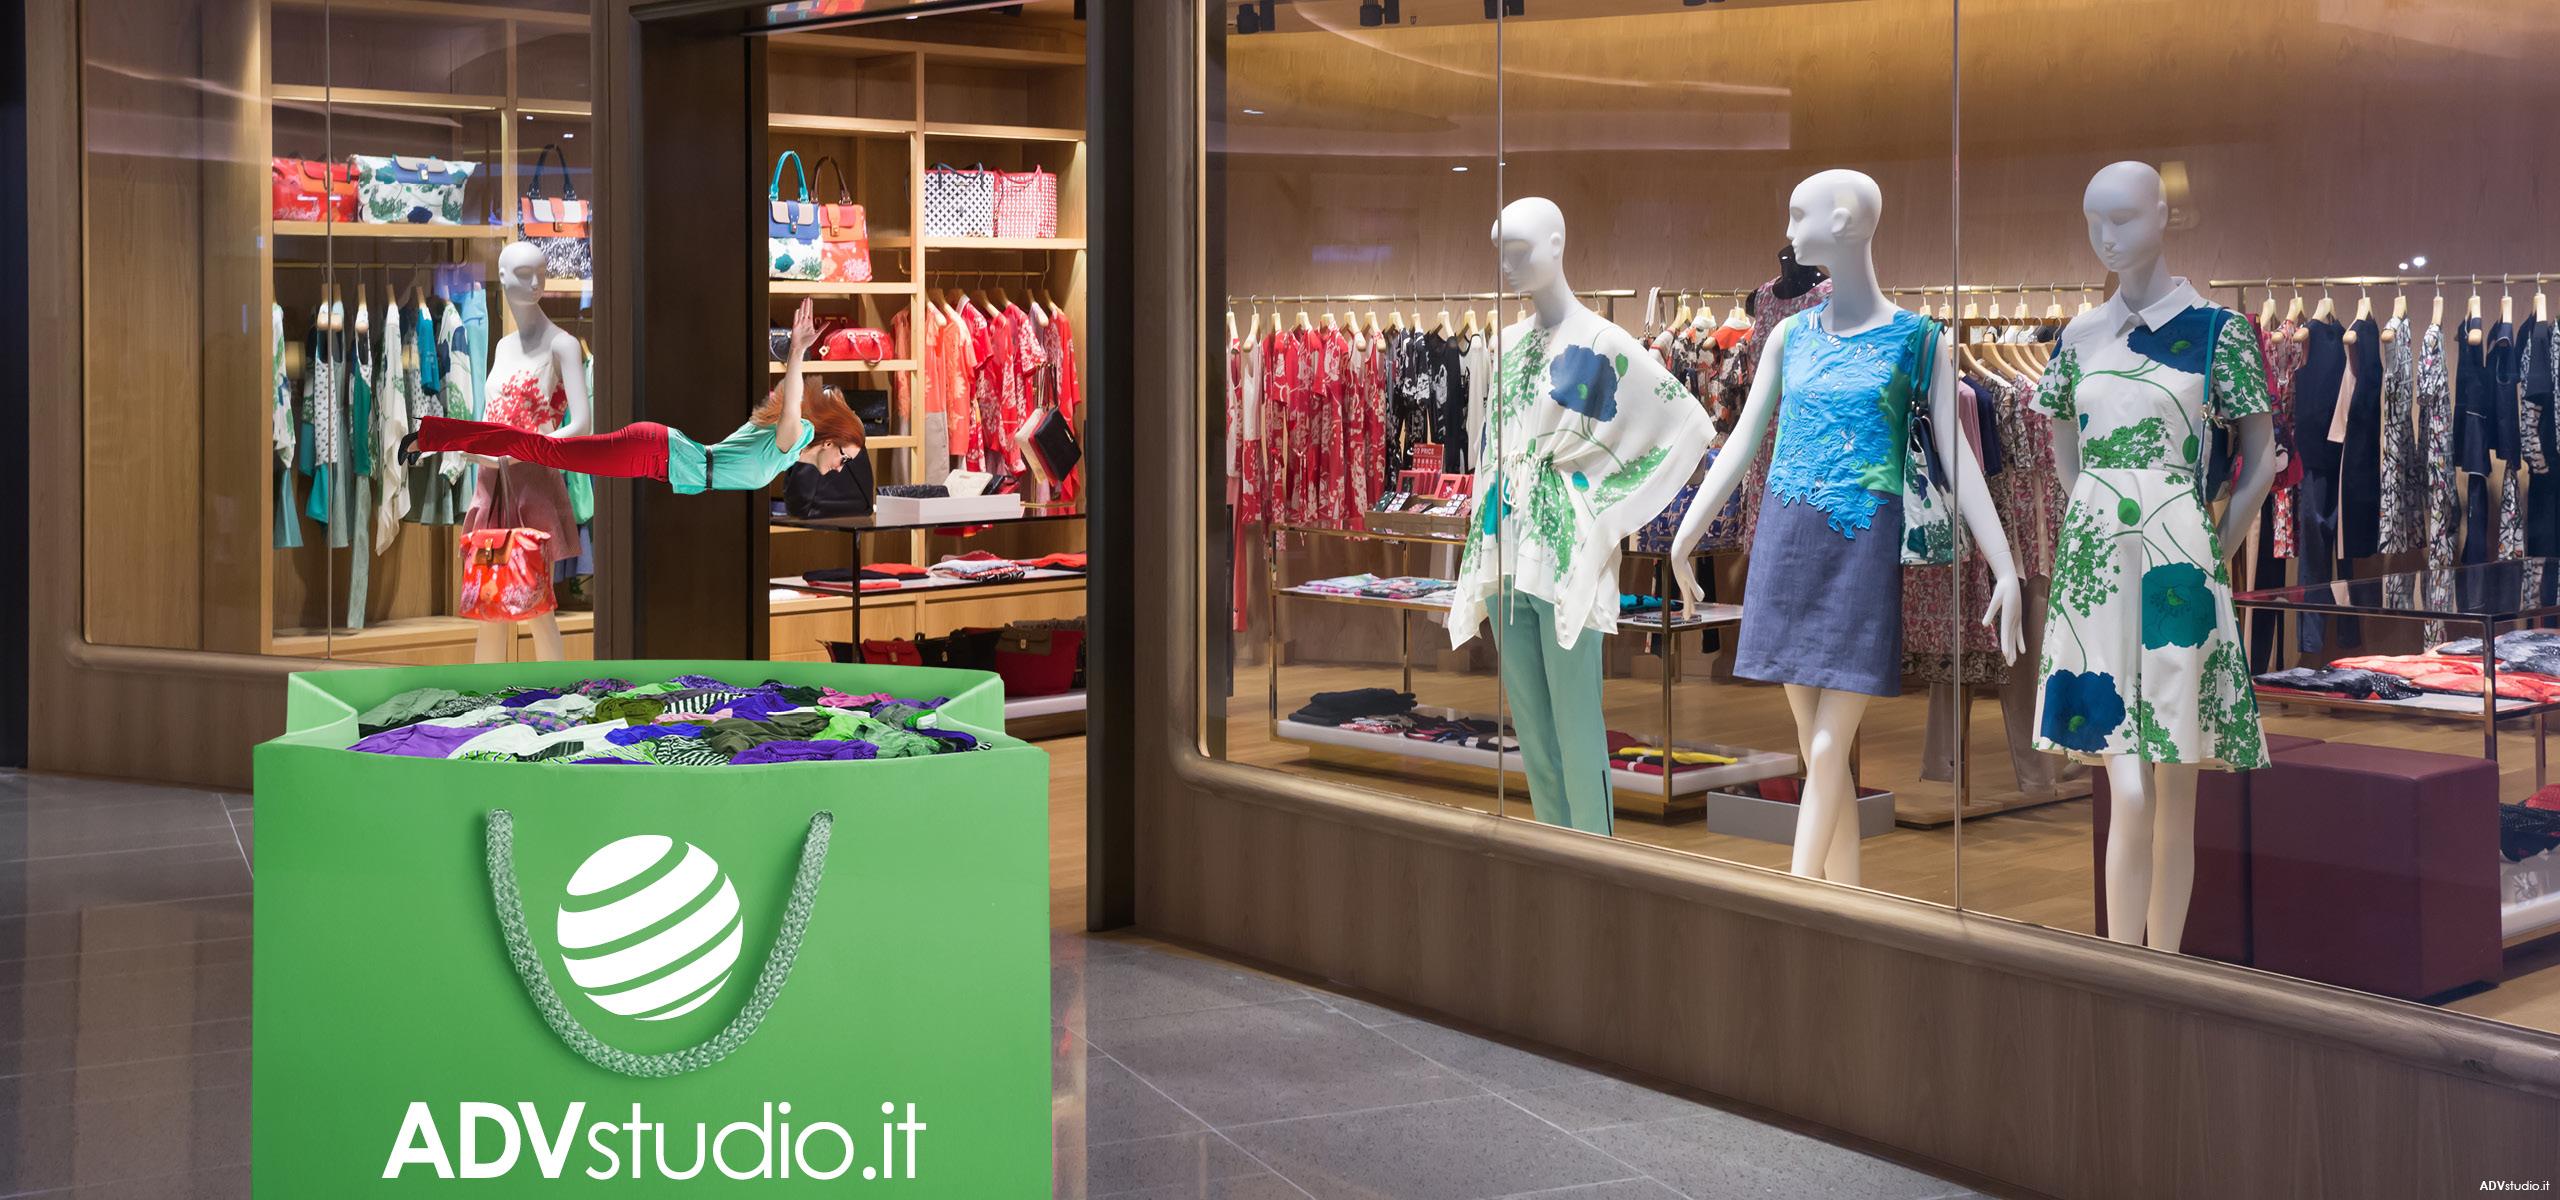 stampa-borse-e-sacchetti-personalizzati-shopping-bags-bolzano-merano-bressanone-bz-alto-adige-italia-online-laives-brunico-appiano-sulla-strada-del-advstudio-3